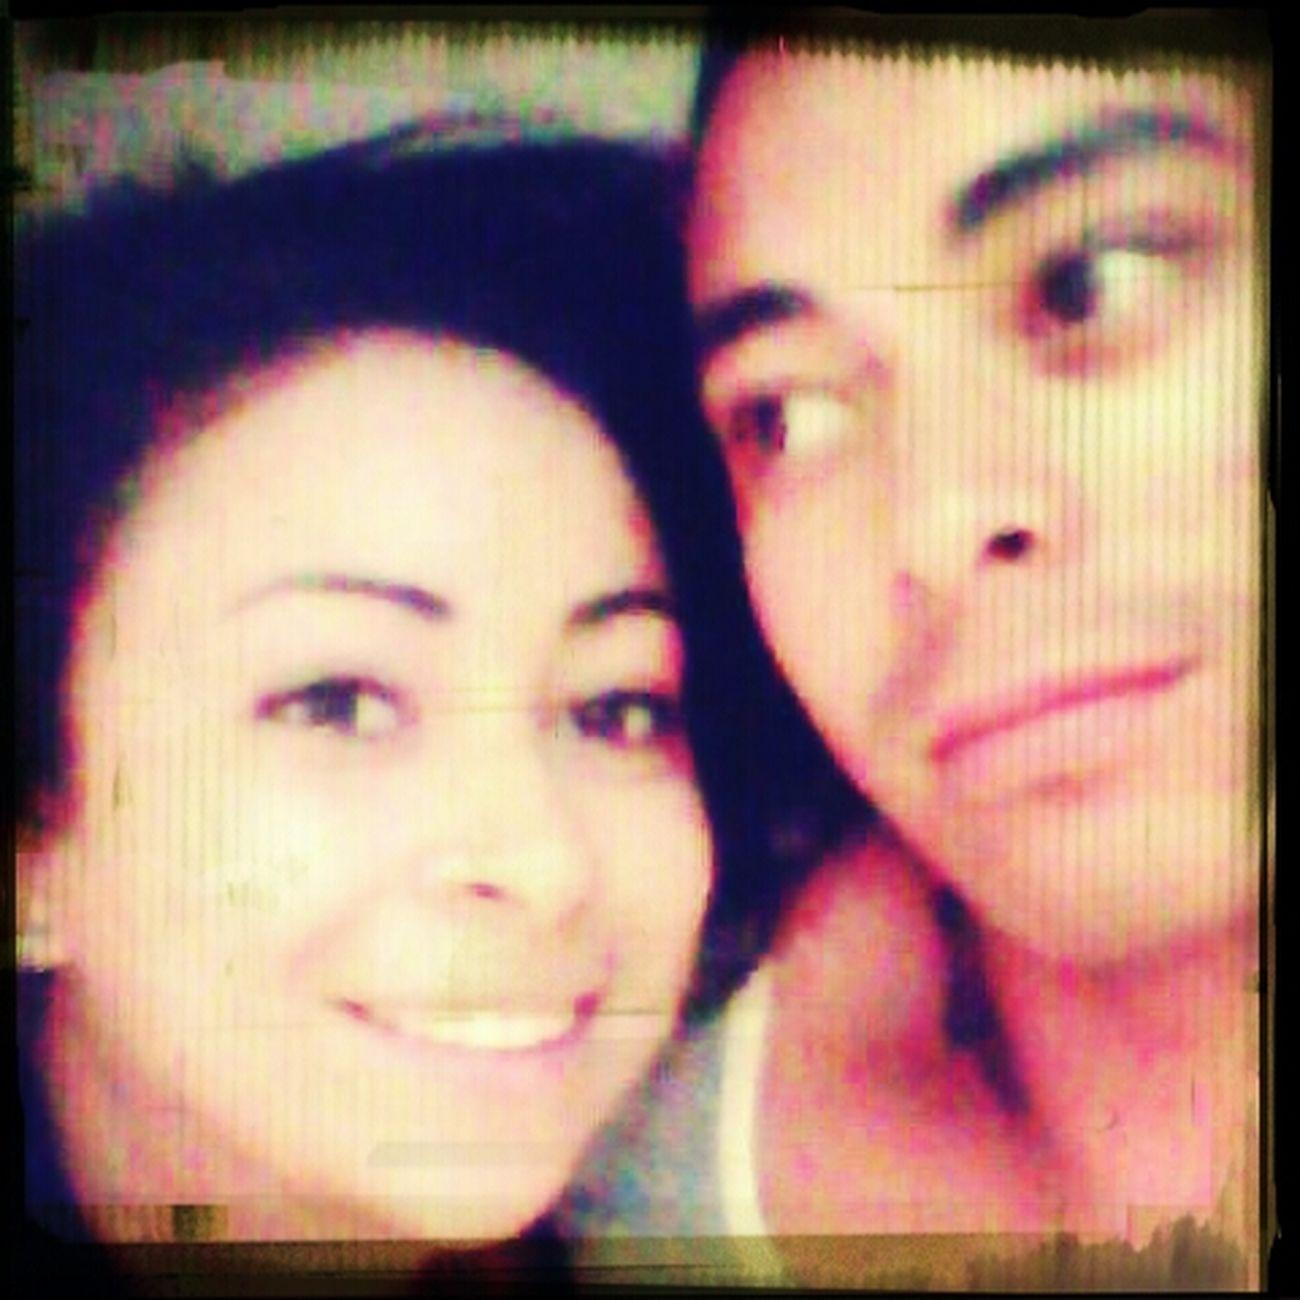 #mylove #cuddles #distancemakestheheartgrowfonder #forever